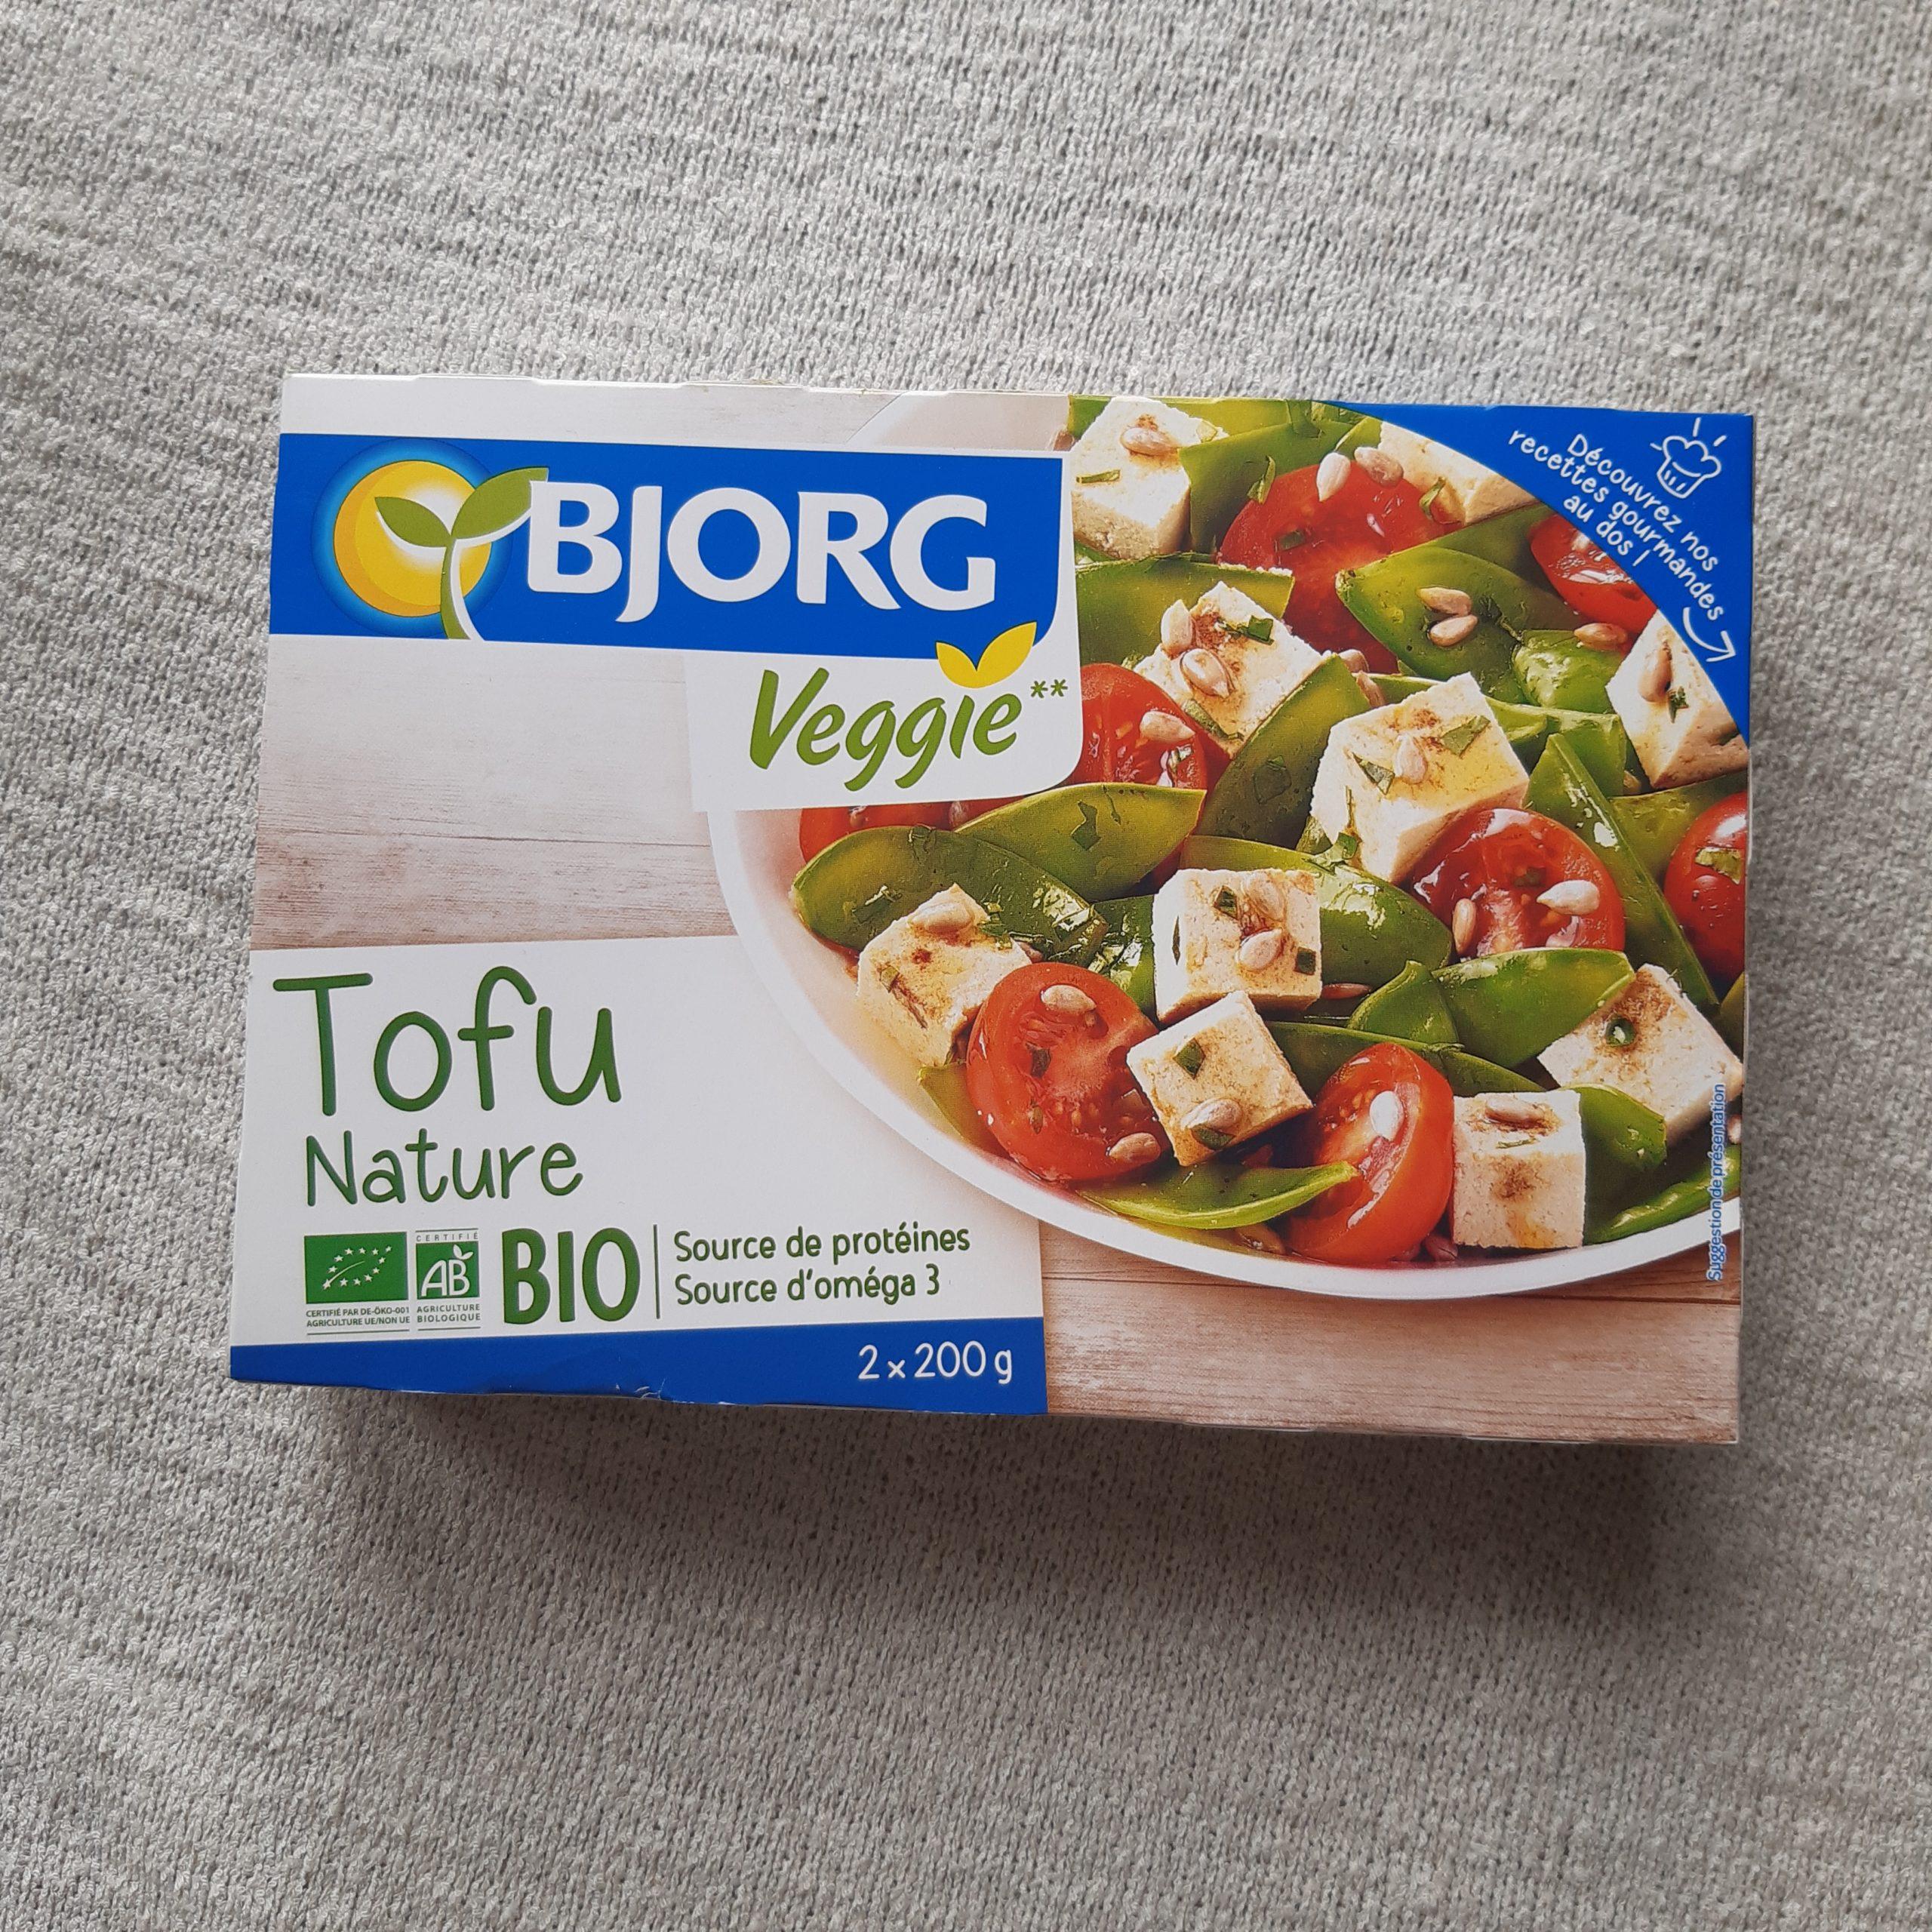 フランスのオーガニックの豆腐・bjorgについてのレビュー